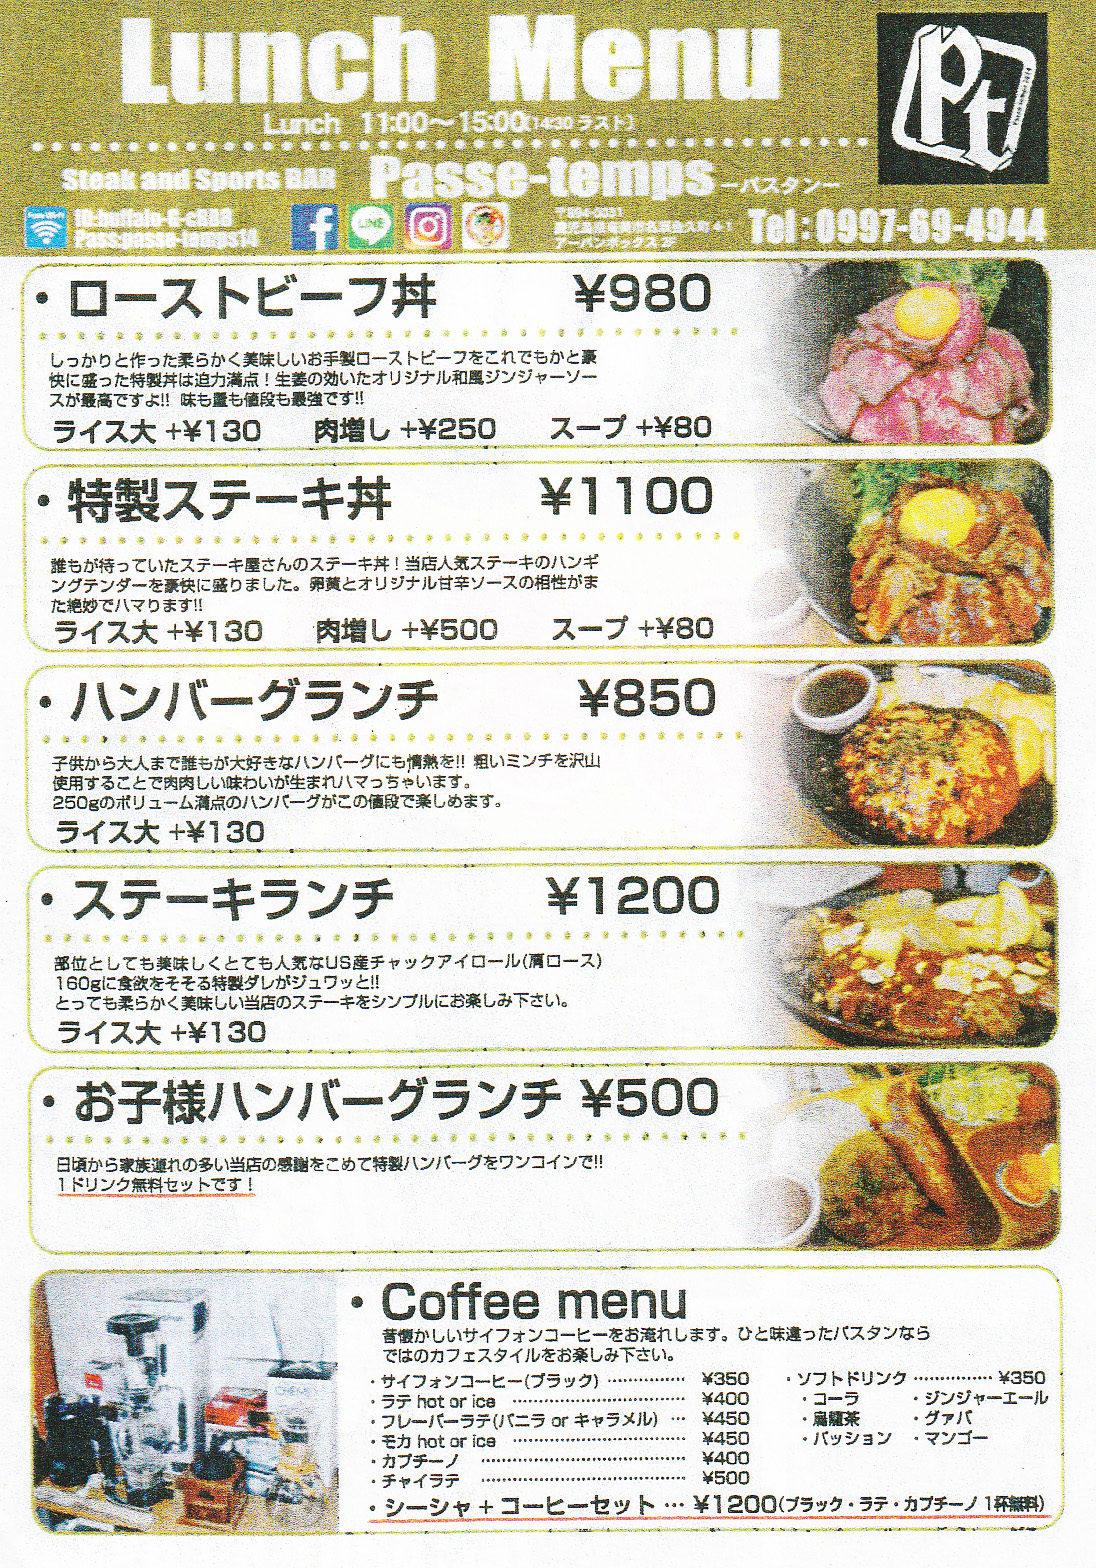 奄美のステーキ店